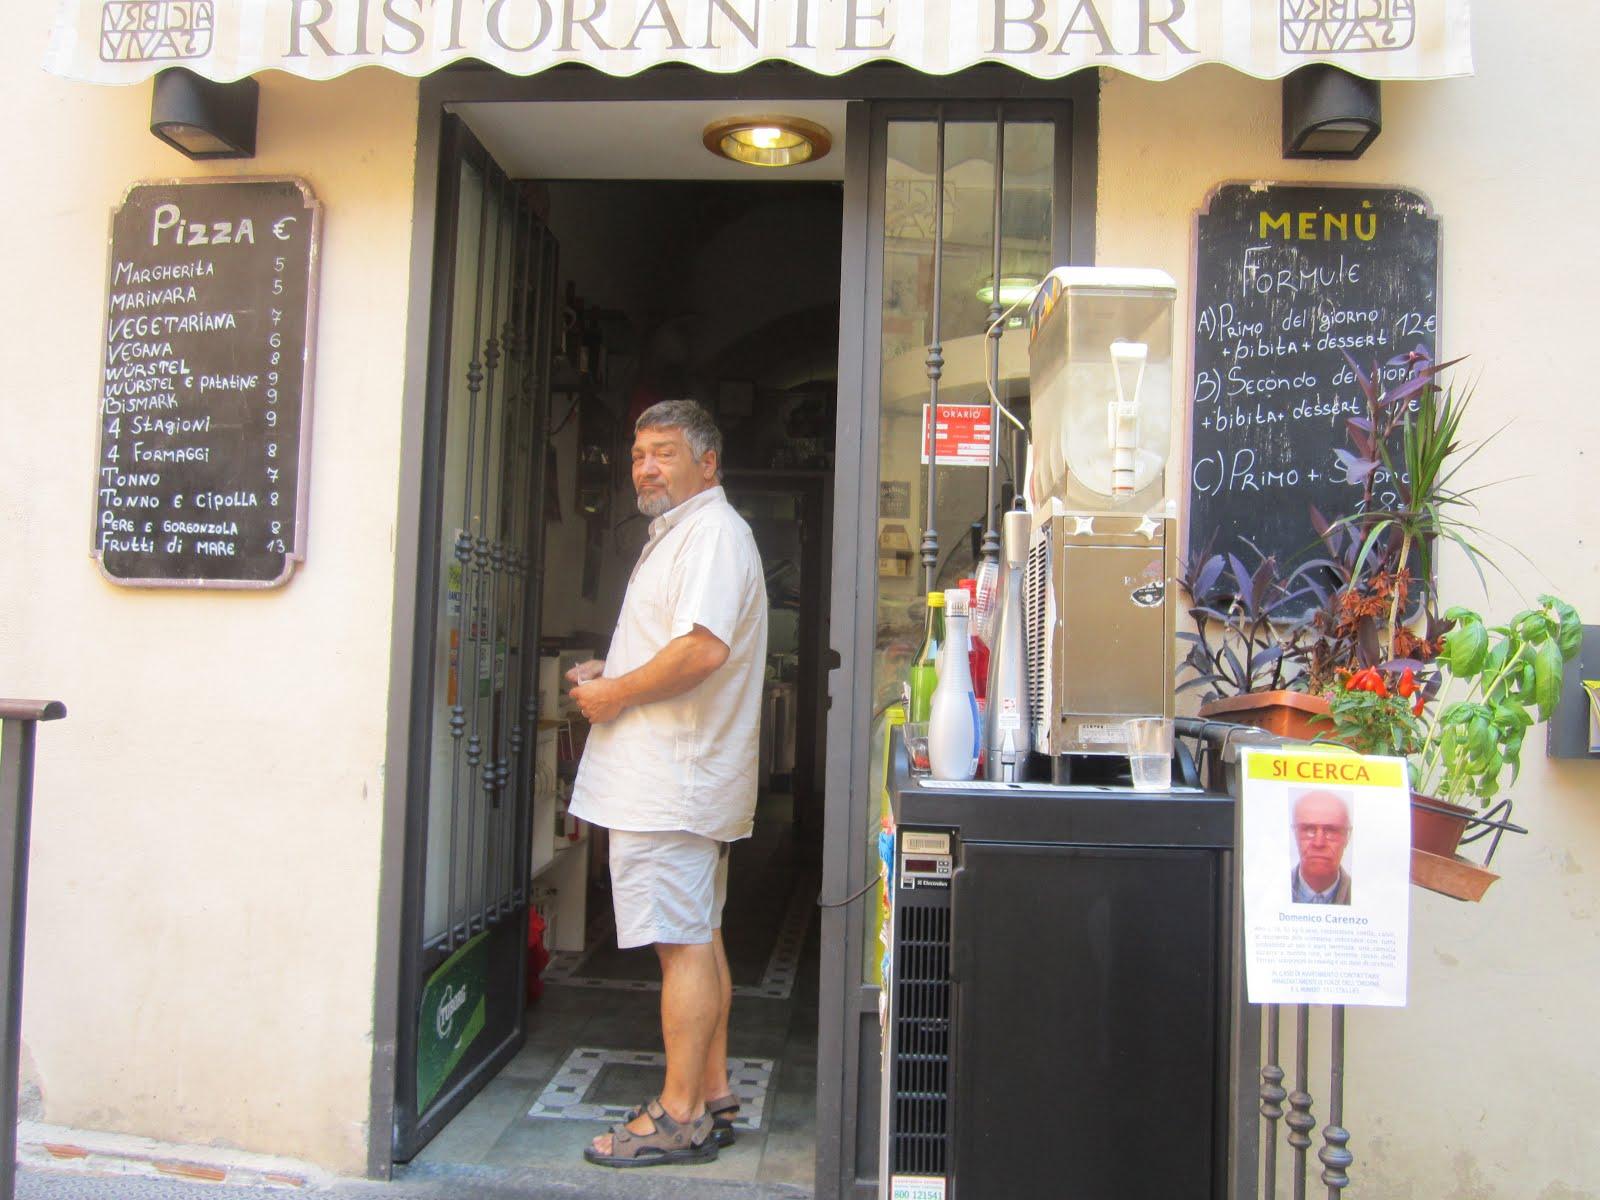 URBICIA VIVAS.. in Piazza dei Dolori!